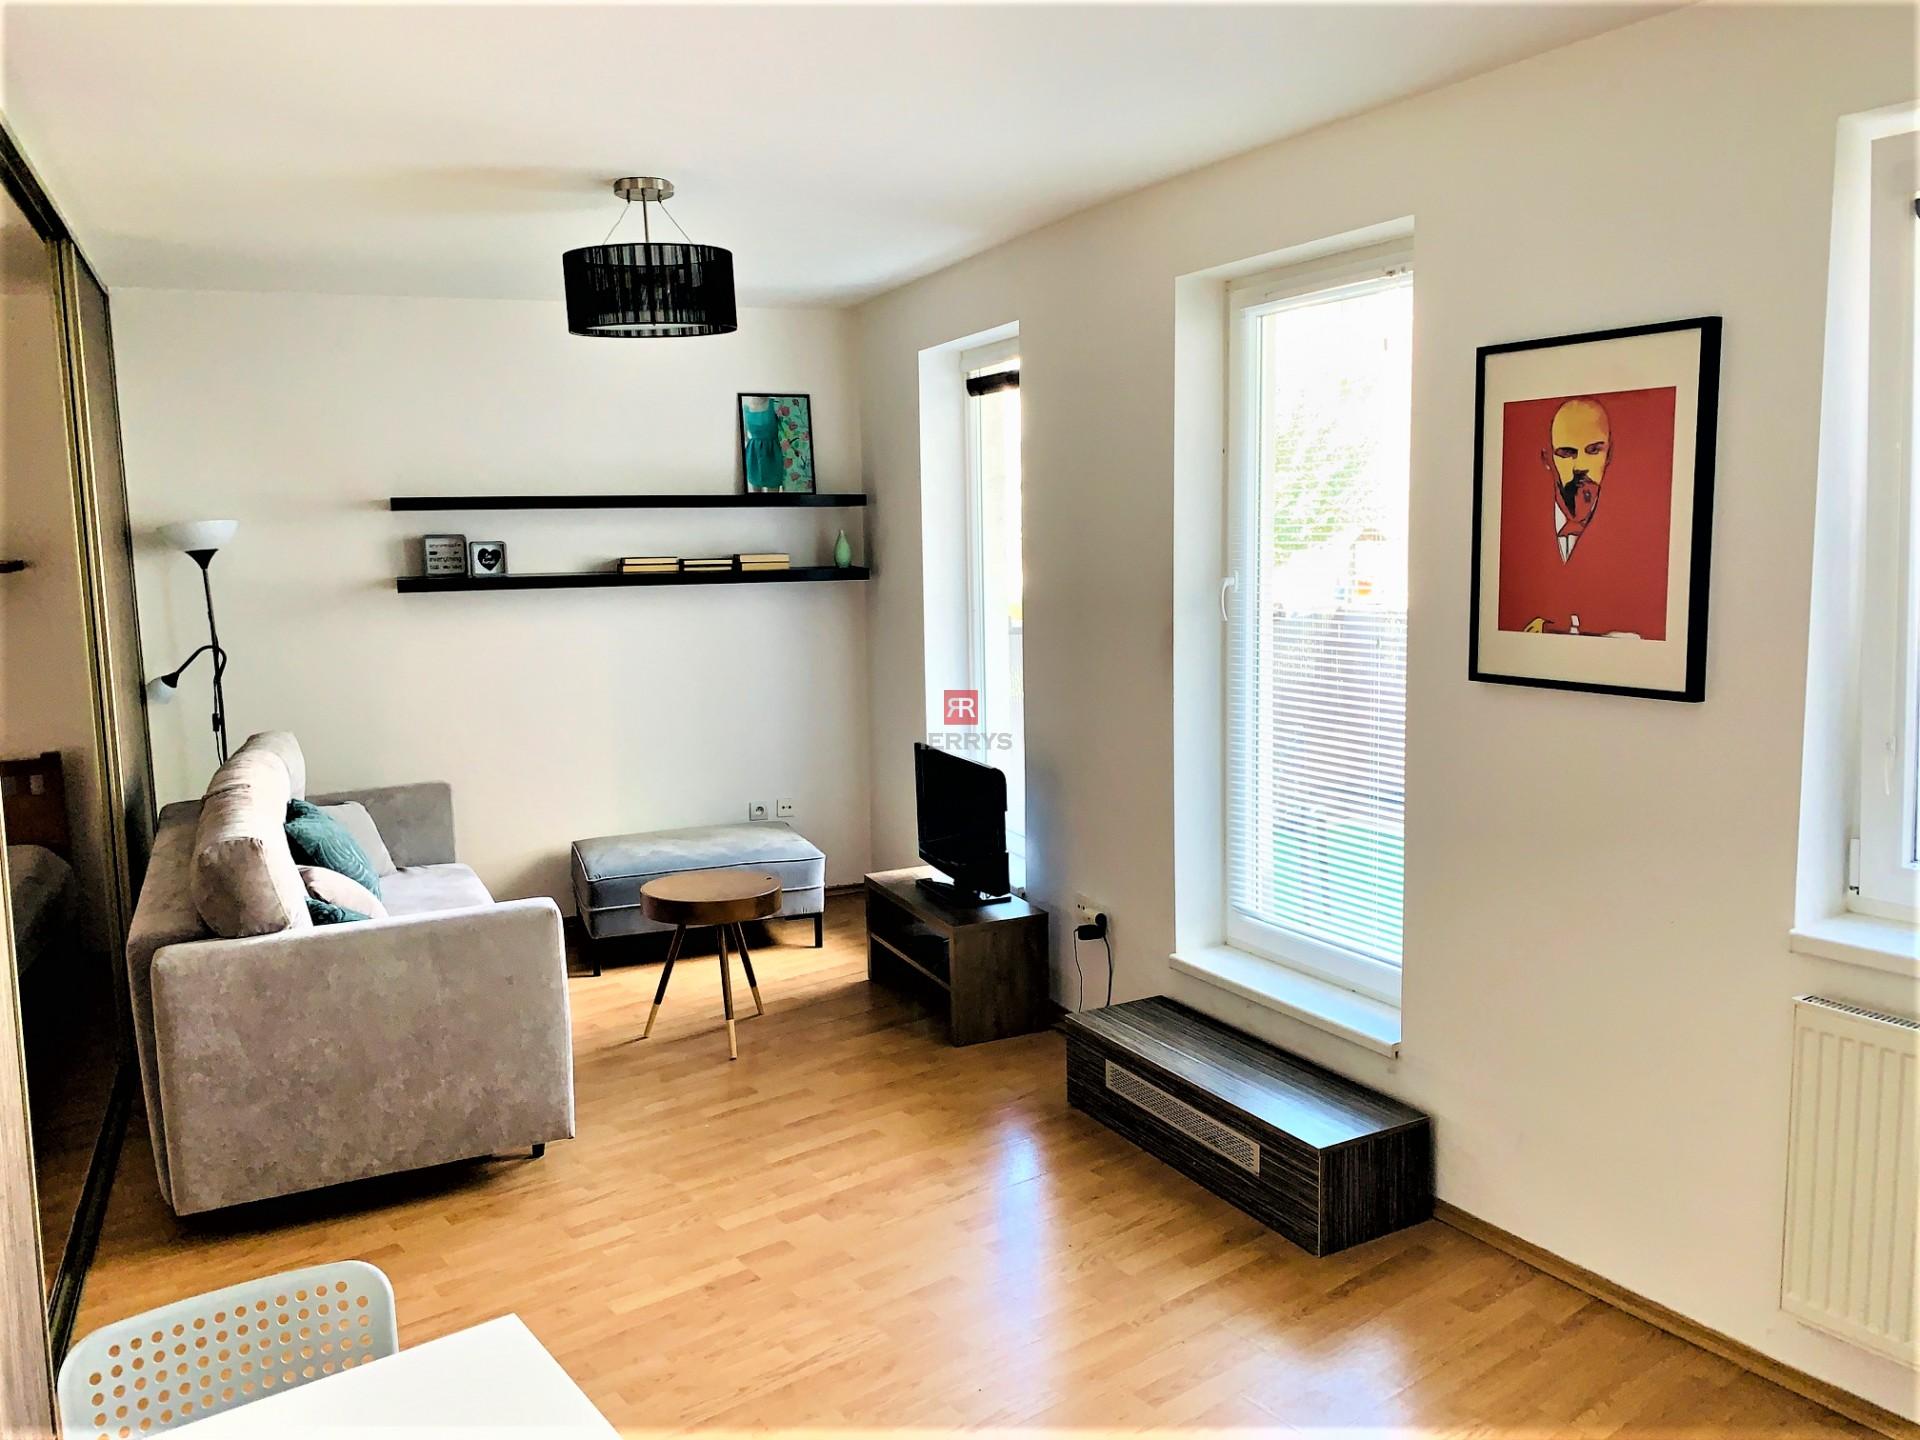 HERRYS - Na prenájom 1 izbový útulný byt s priestrannou terasou na Kresánkovej ulici